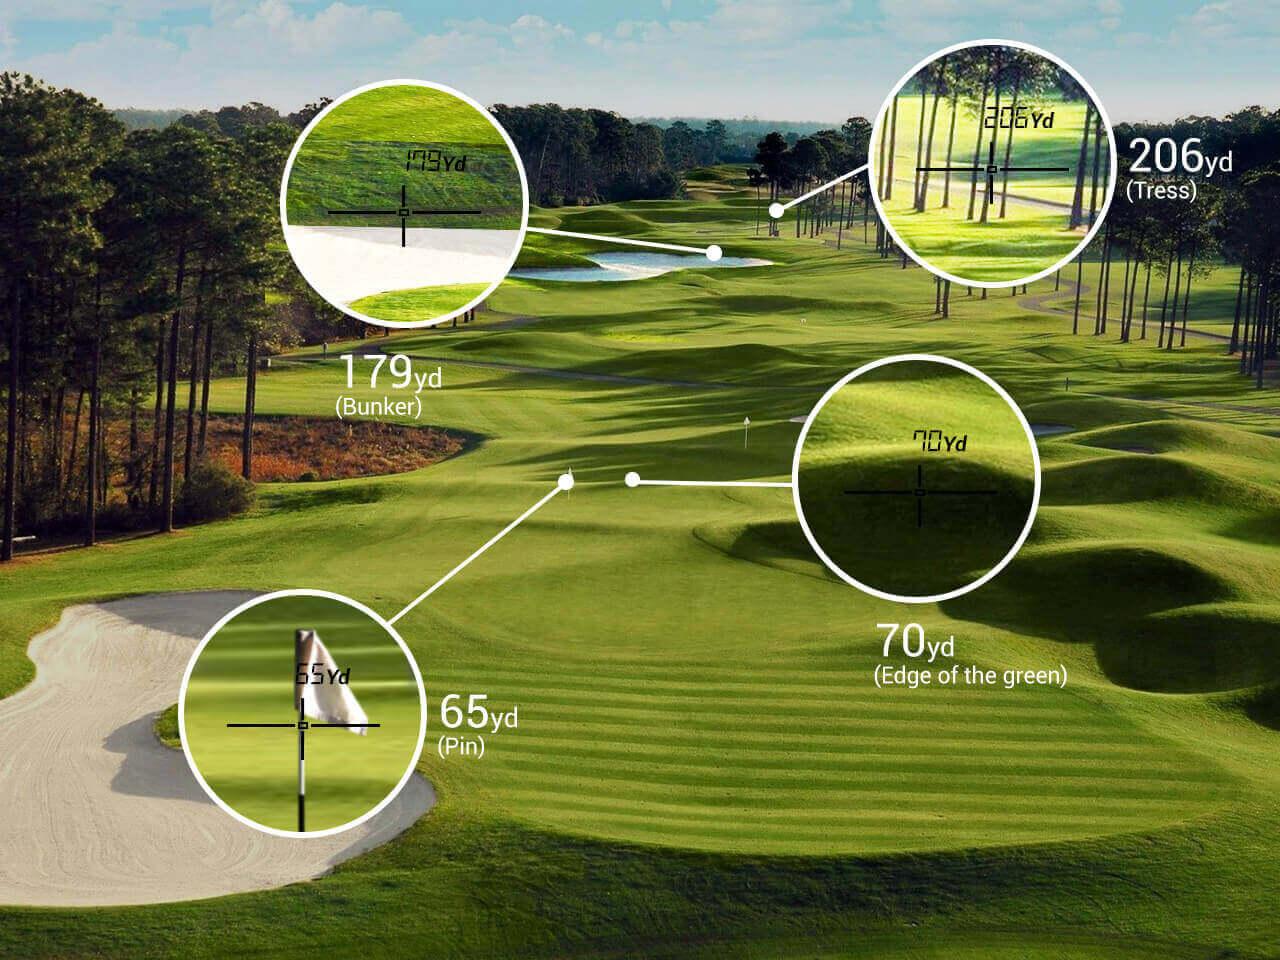 TecTecTec precision laser golf rangefinder pga tournament legal